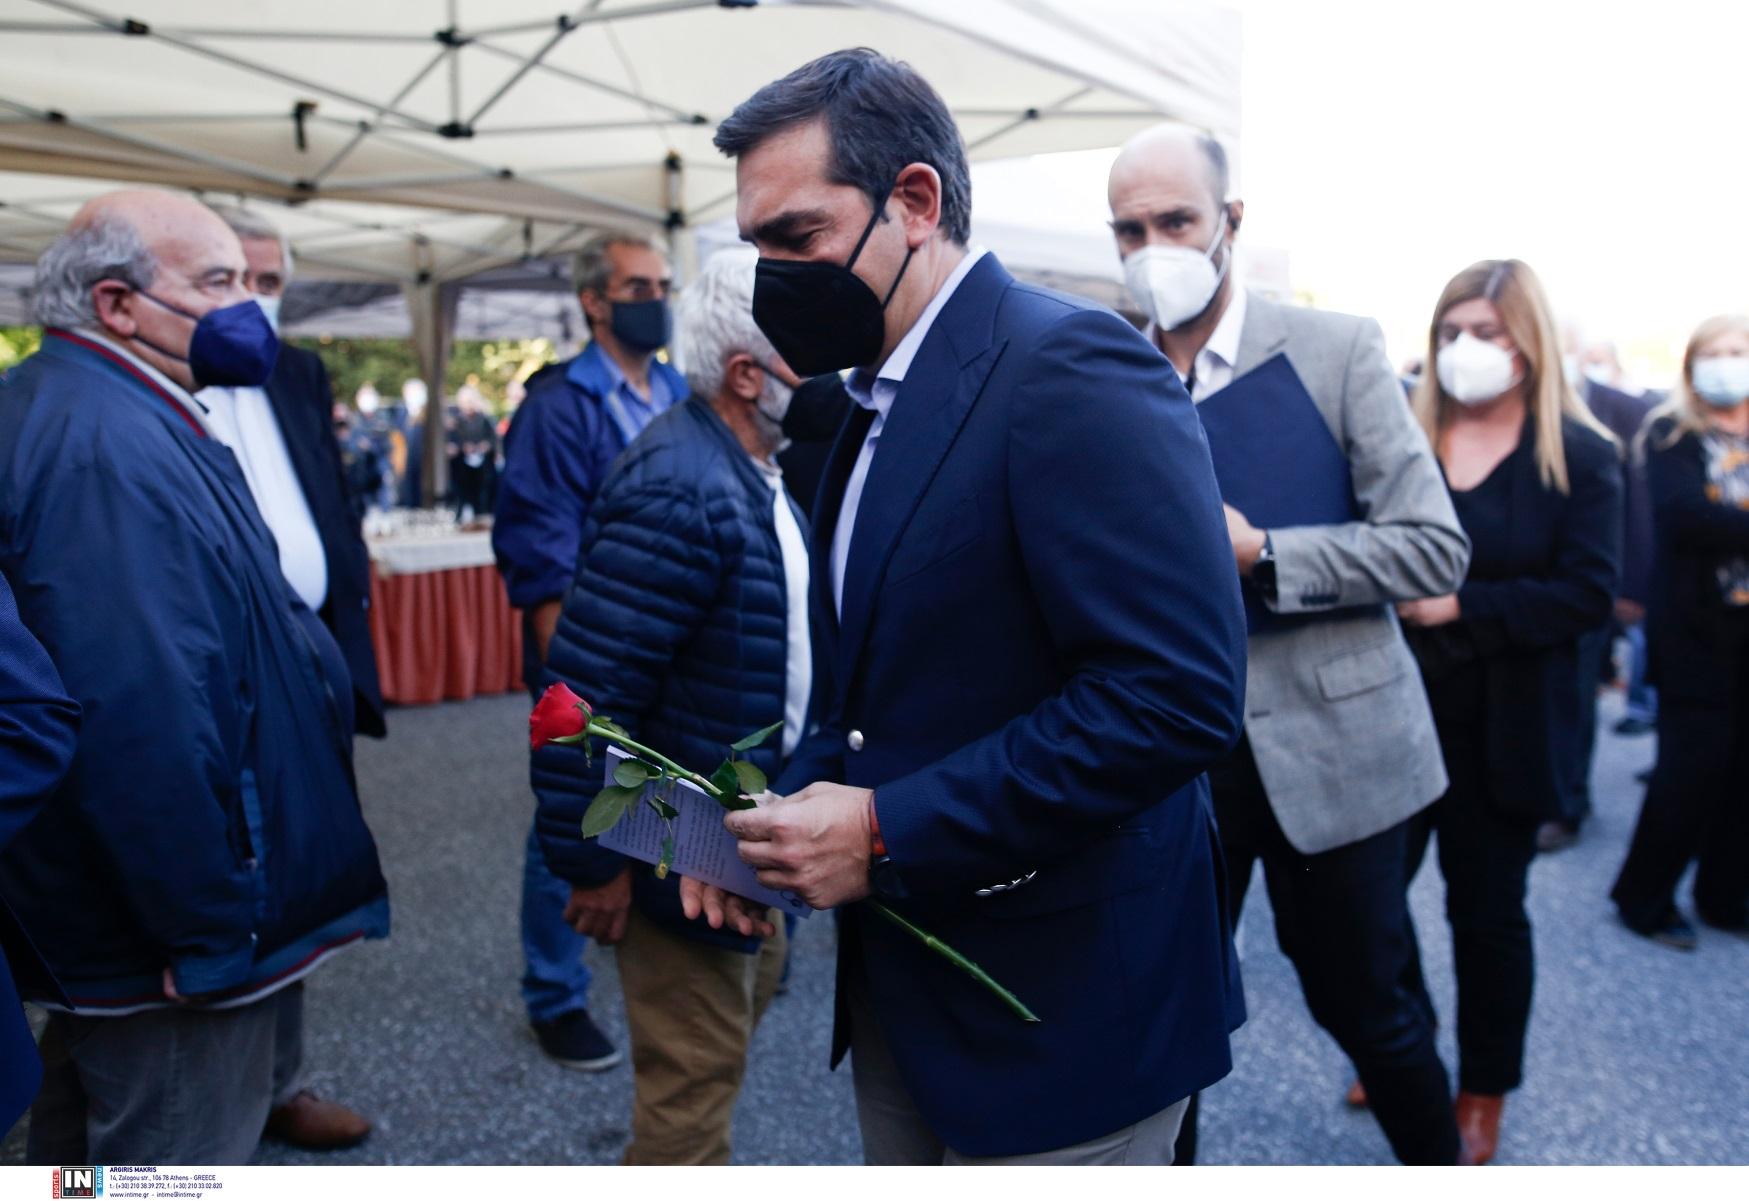 Τάσος Κουράκης: Έγινε η πολιτική κηδεία – Παρών ο Αλέξης Τσίπρας κρατώντας κόκκινο τριαντάφυλλο